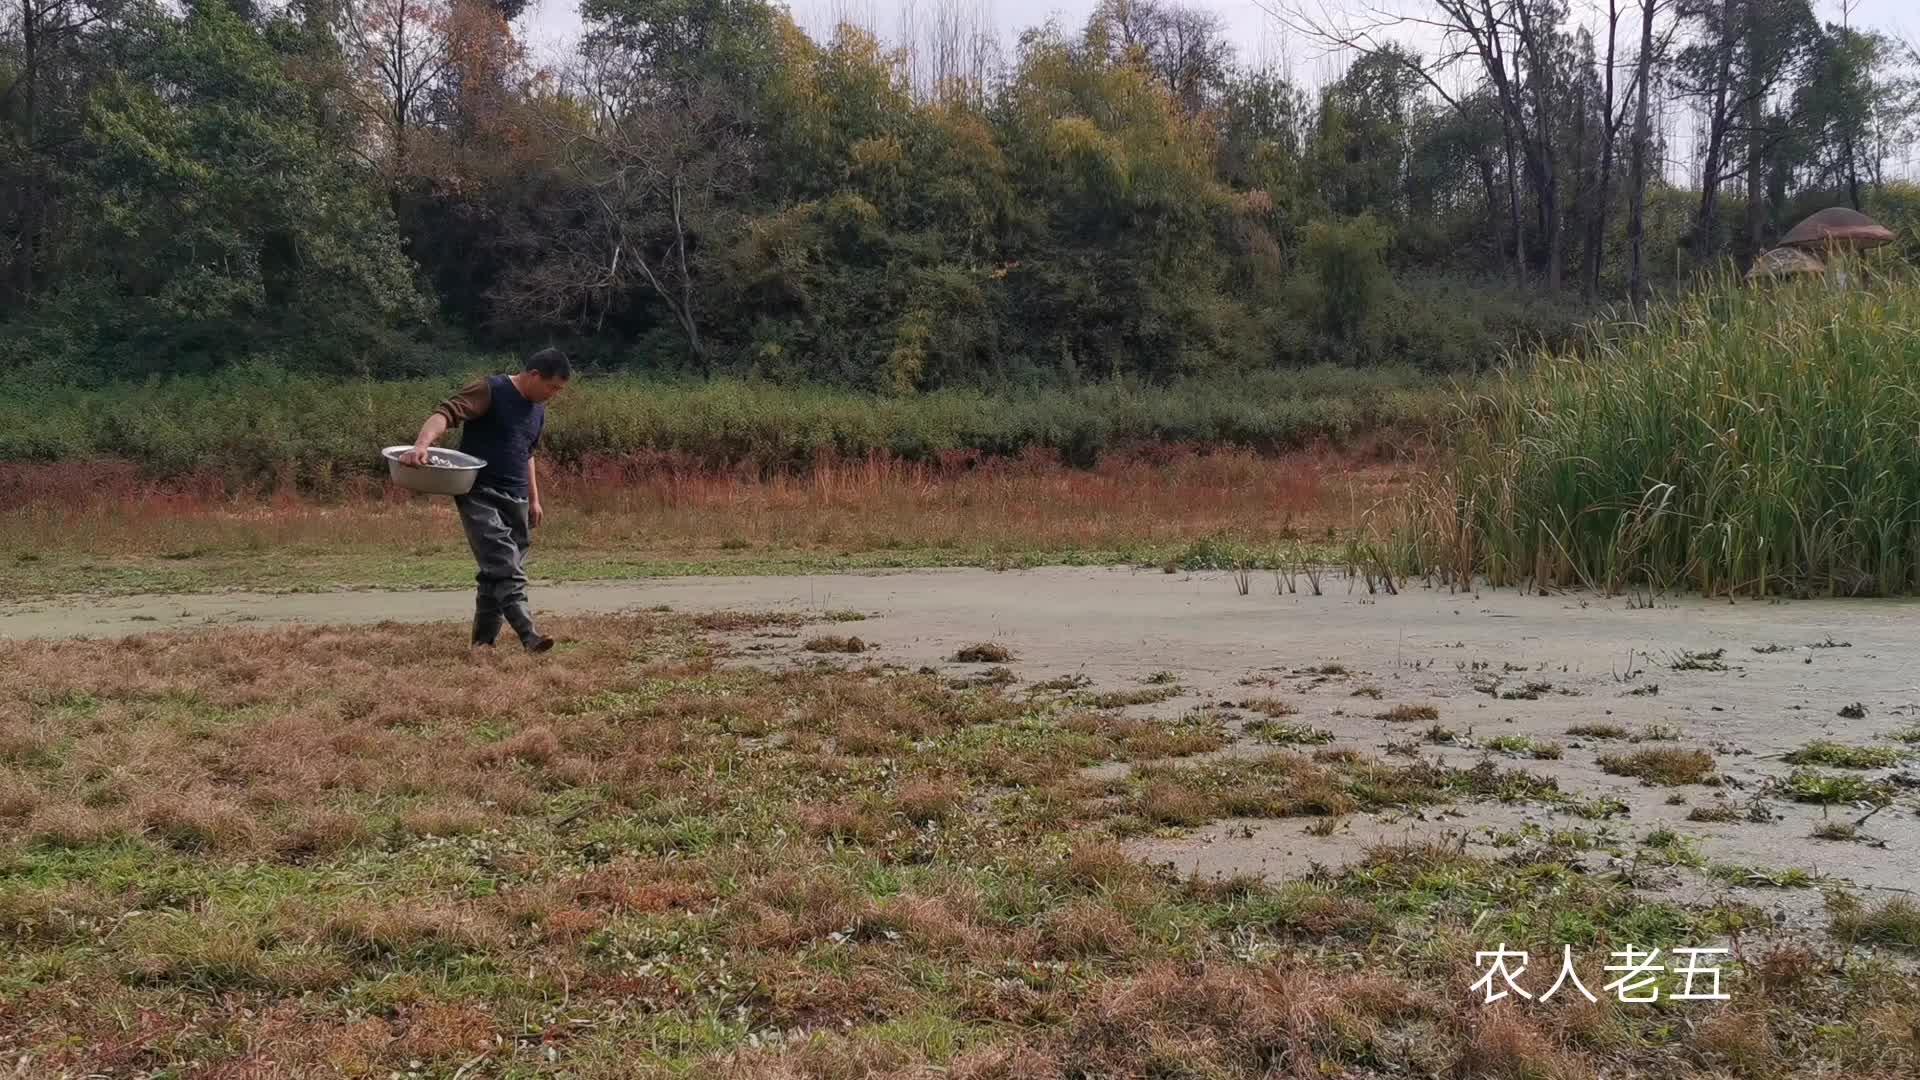 荒废的鱼塘发现一个洞, 把3瓶啤酒灌下去, 野货抓了一条又一条